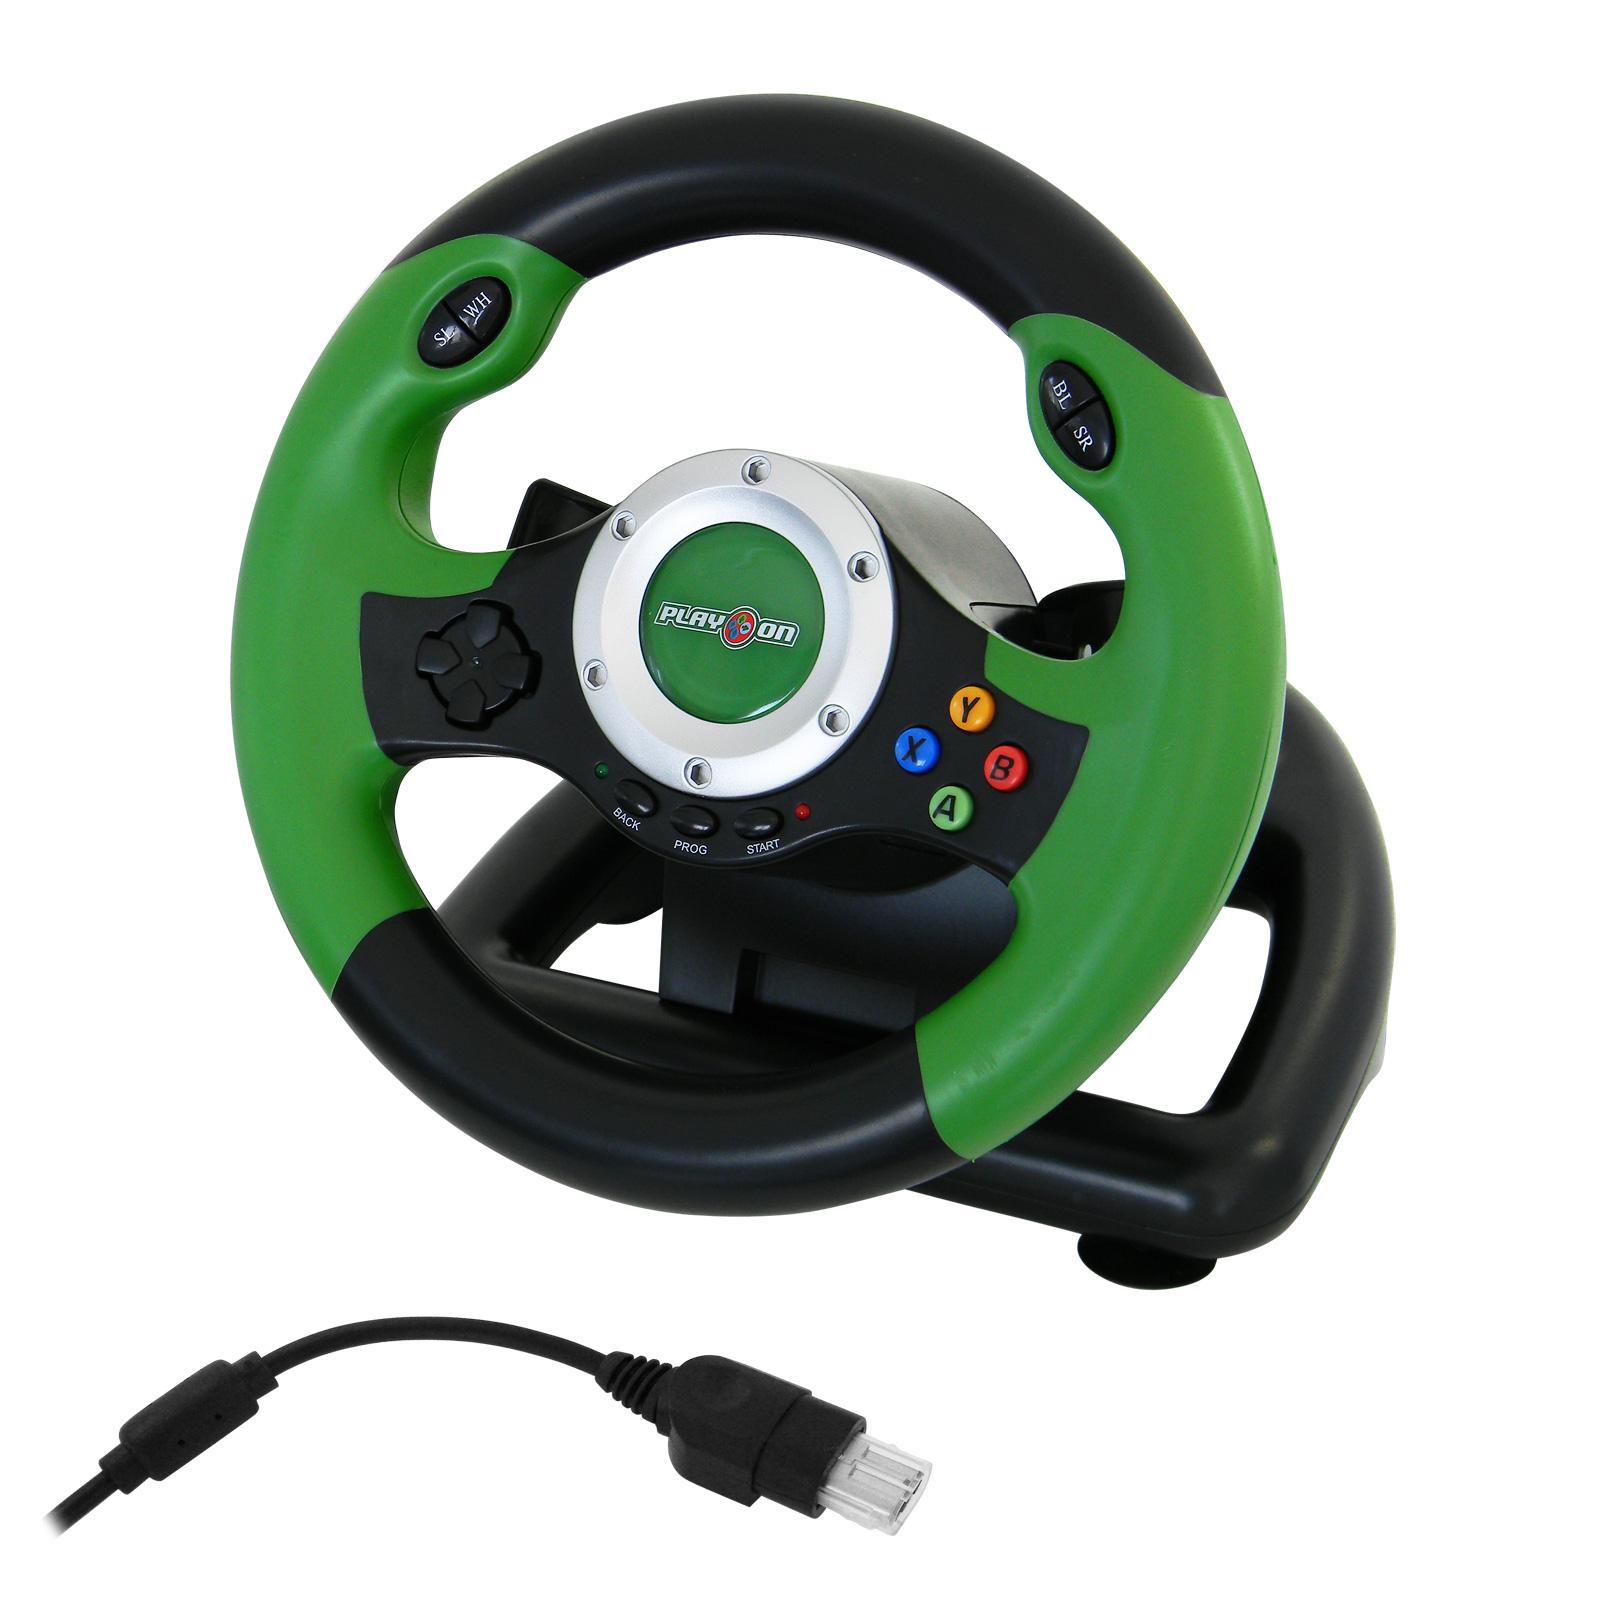 v8 lenkrad steering wheel fu pedal mit vibration f r. Black Bedroom Furniture Sets. Home Design Ideas